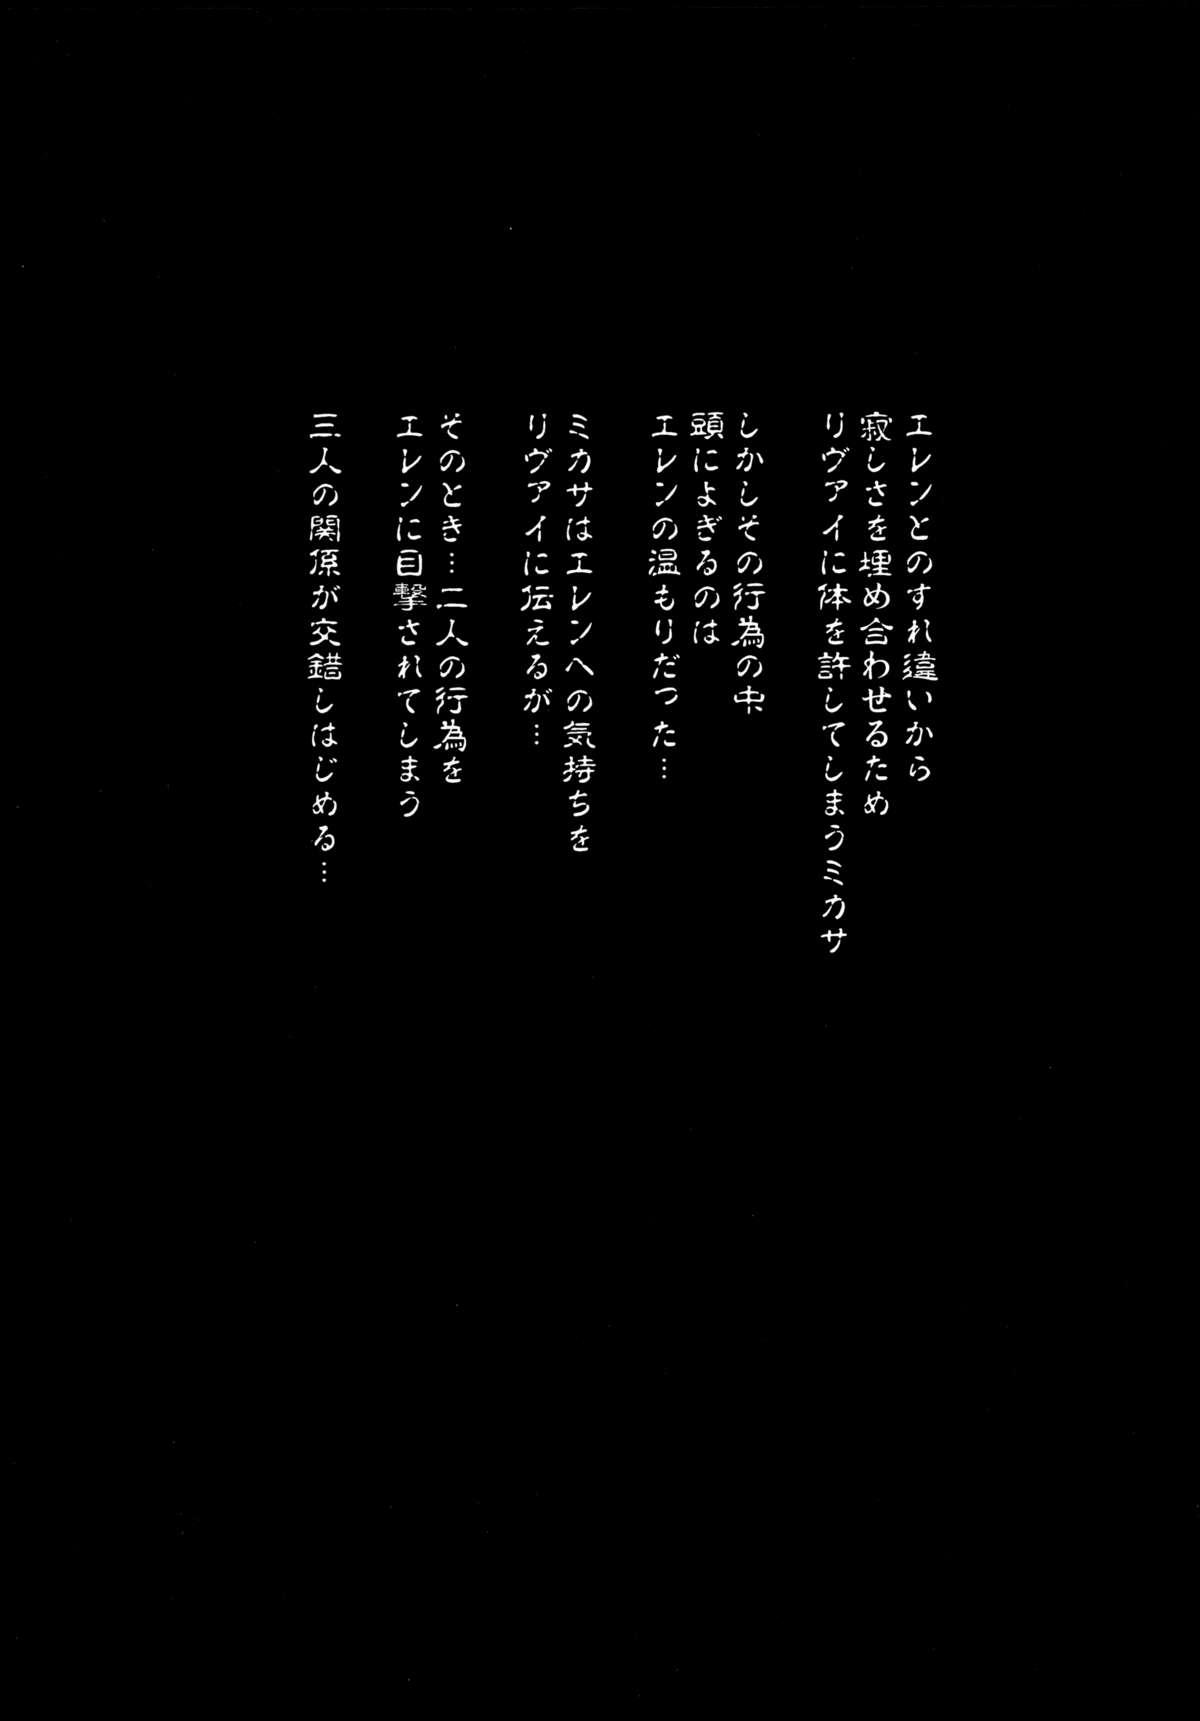 HentaiVN.net - Ảnh 4 - Gekishin (Attack on Titan) - Firing Pin - Gekishin Yon